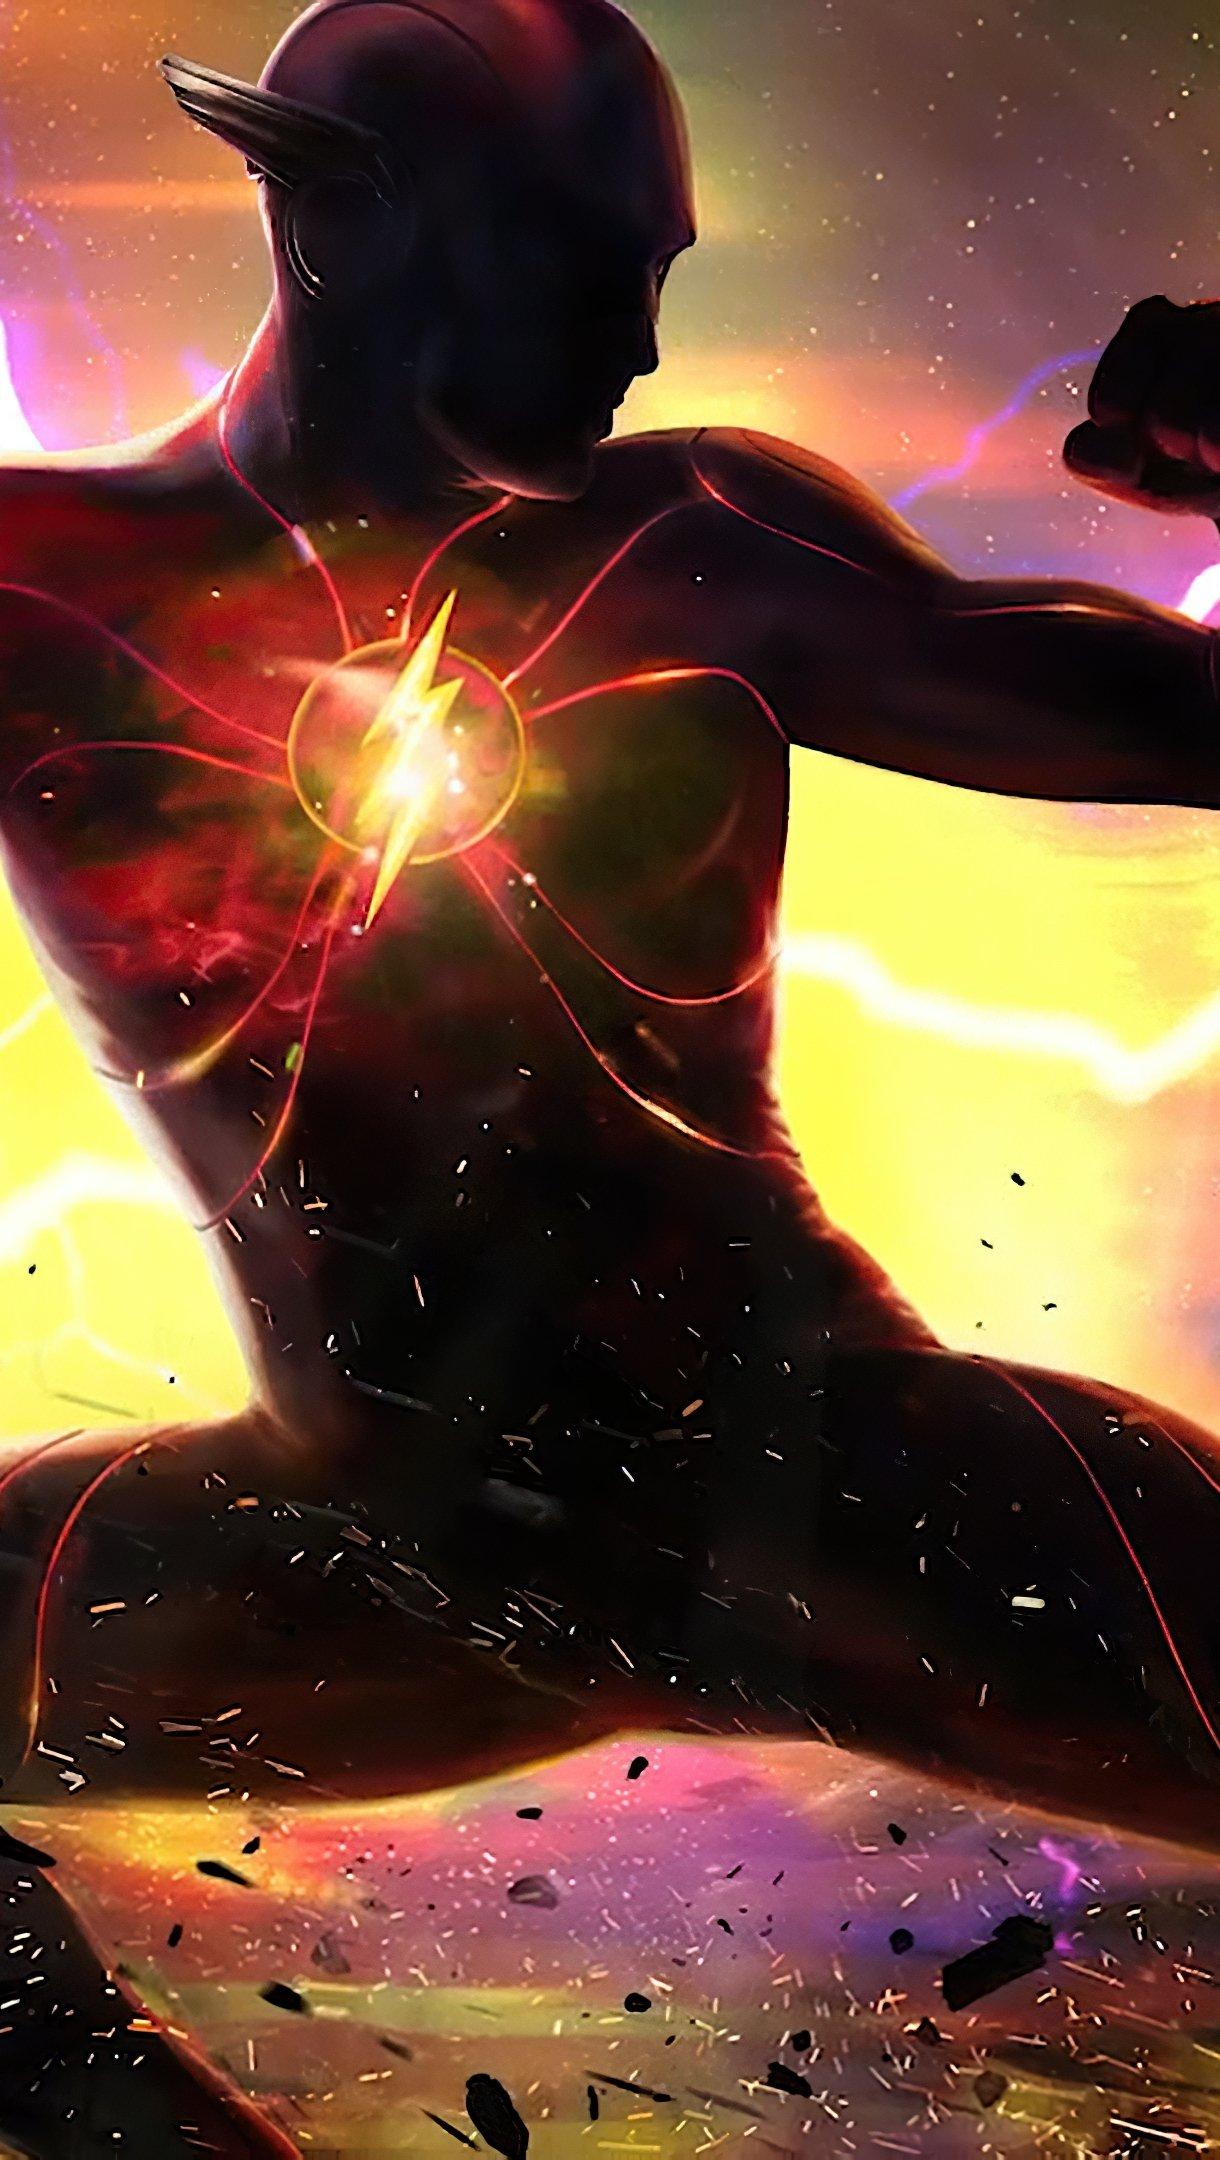 Fondos de pantalla Película The Flash Vertical